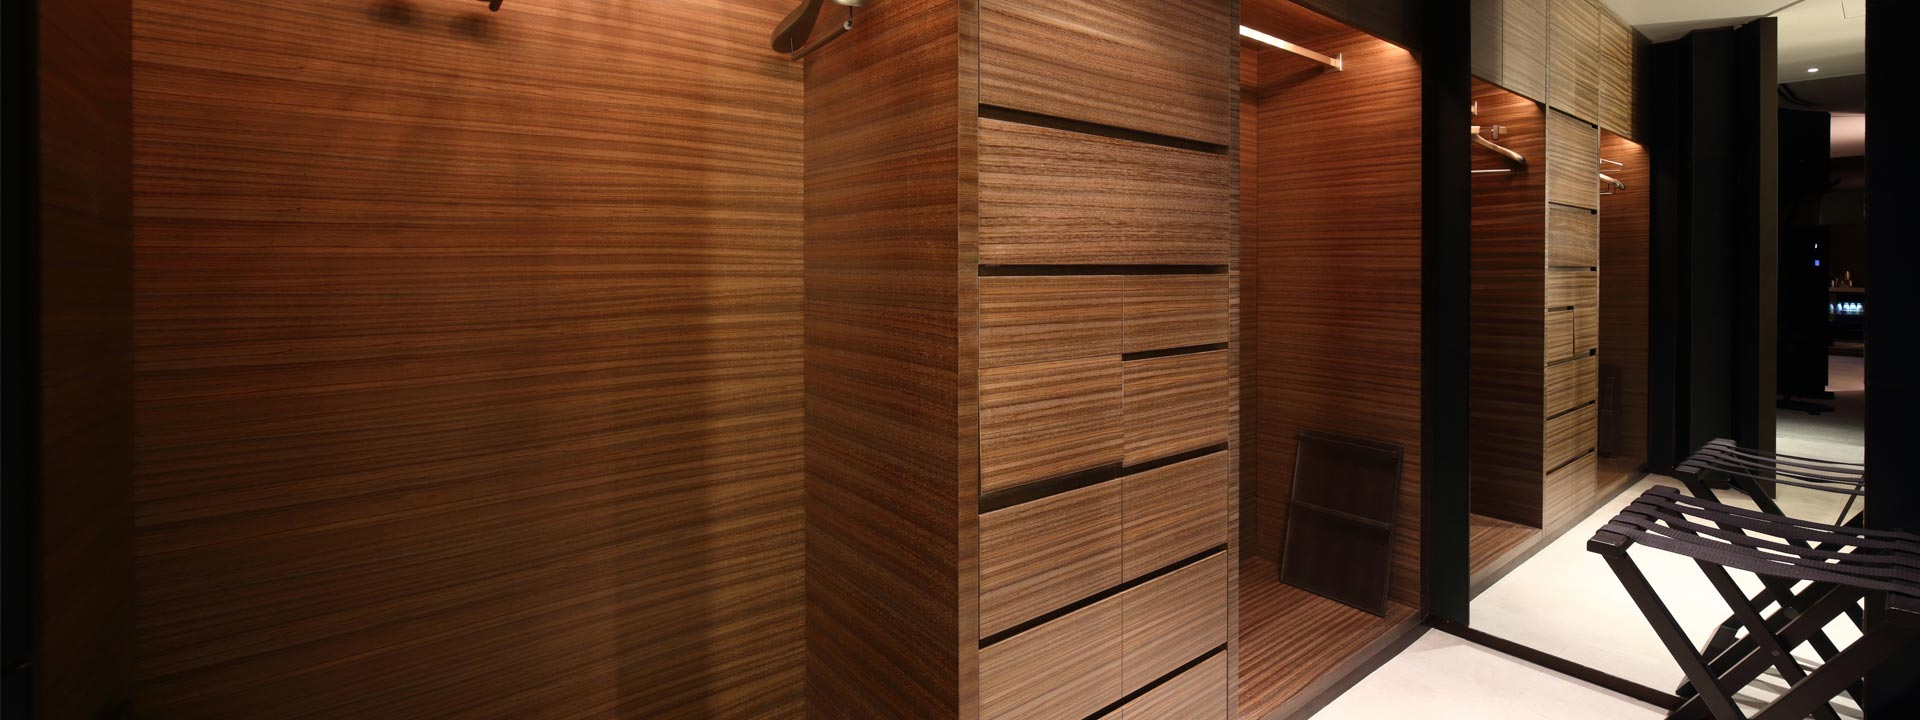 vente de mat riaux de construction pr s de rouen 76. Black Bedroom Furniture Sets. Home Design Ideas